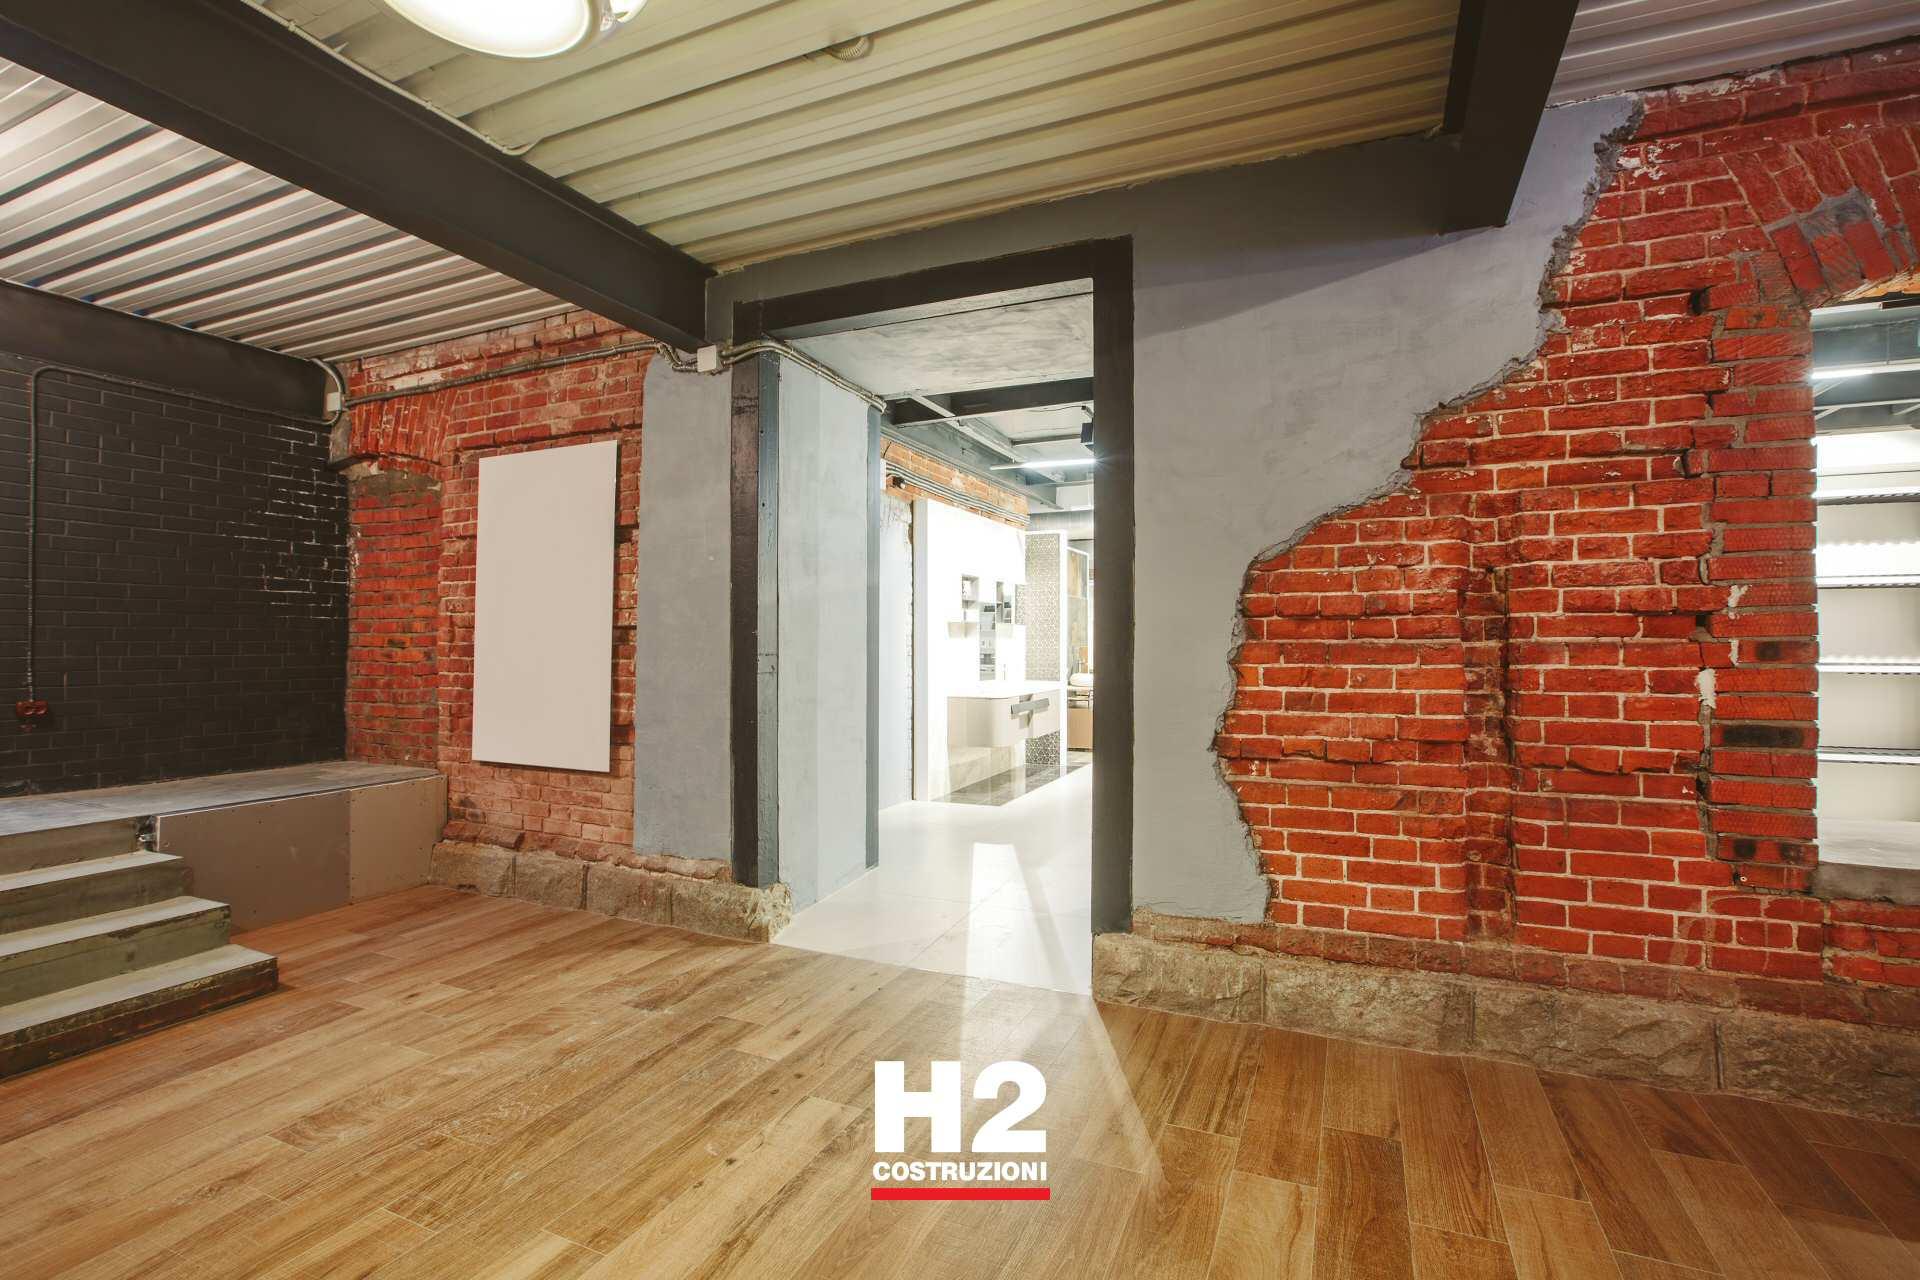 Progettazione e ristrutturazine negozi, locali, ristoranti